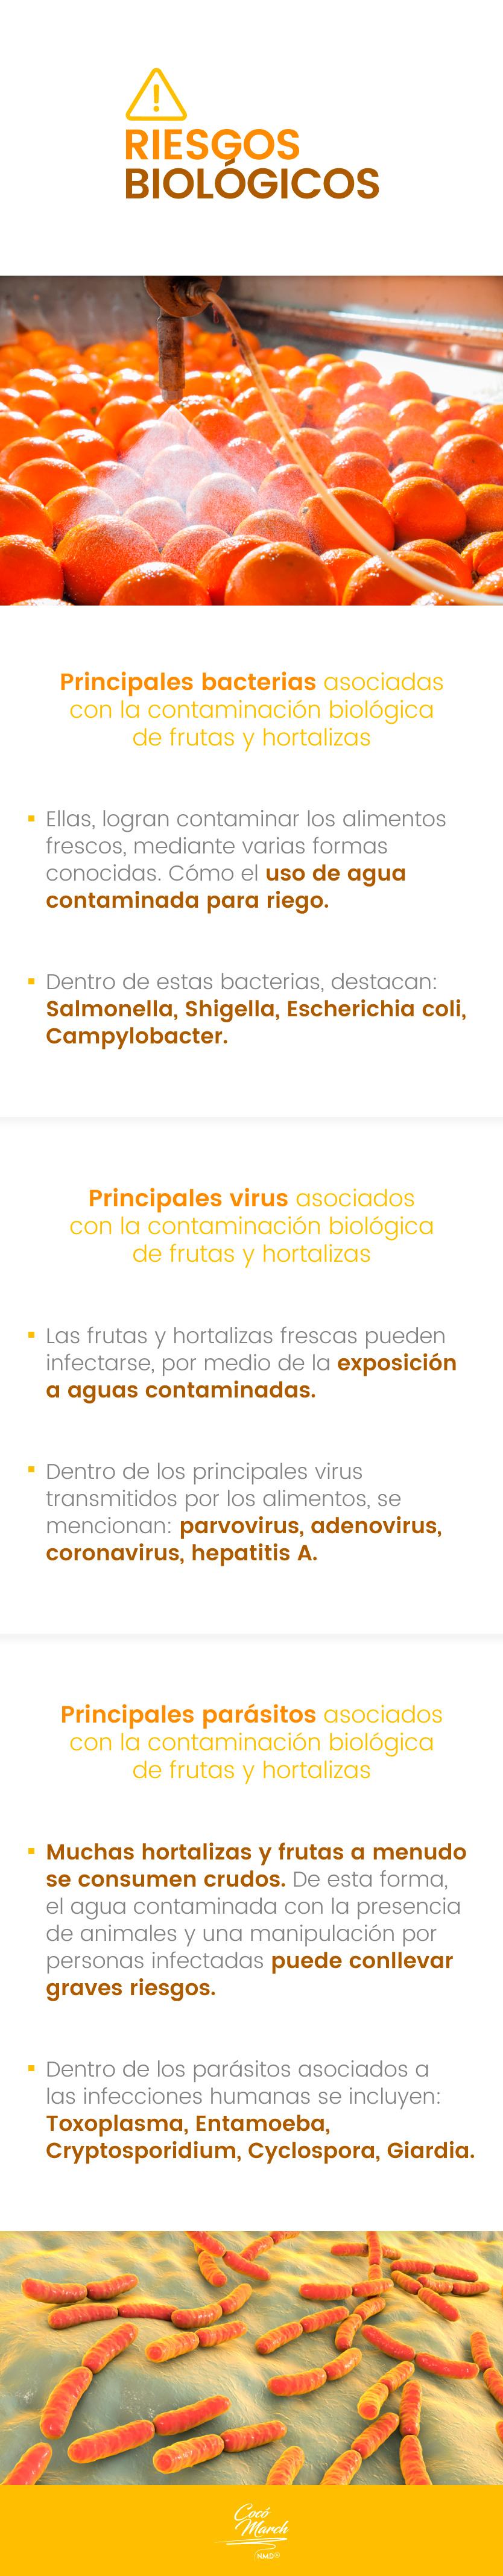 riesgos-biologicos-de-los-pesticidas